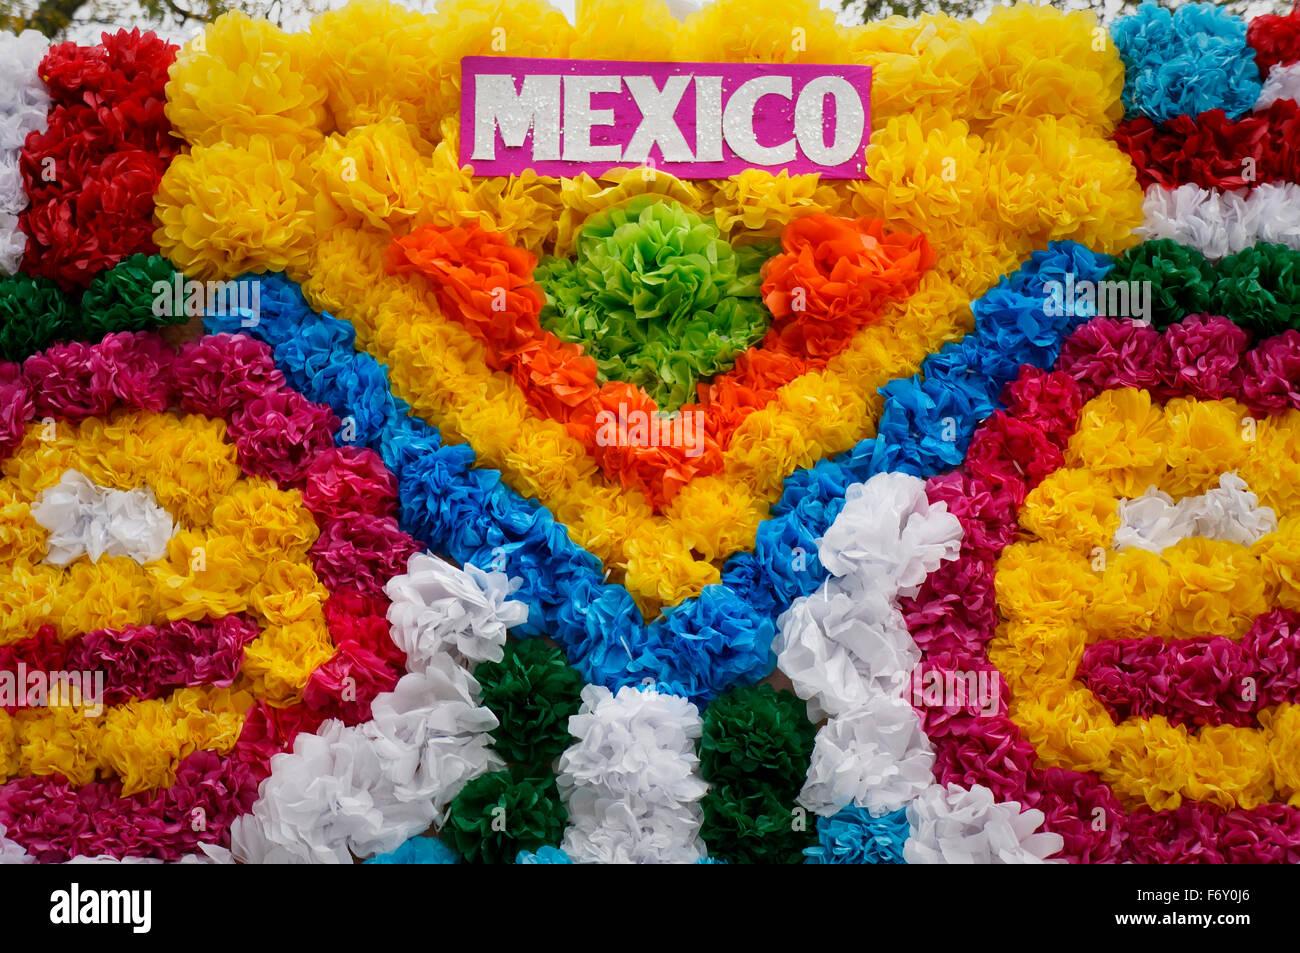 Fleurs papier crépon sur char mexicain